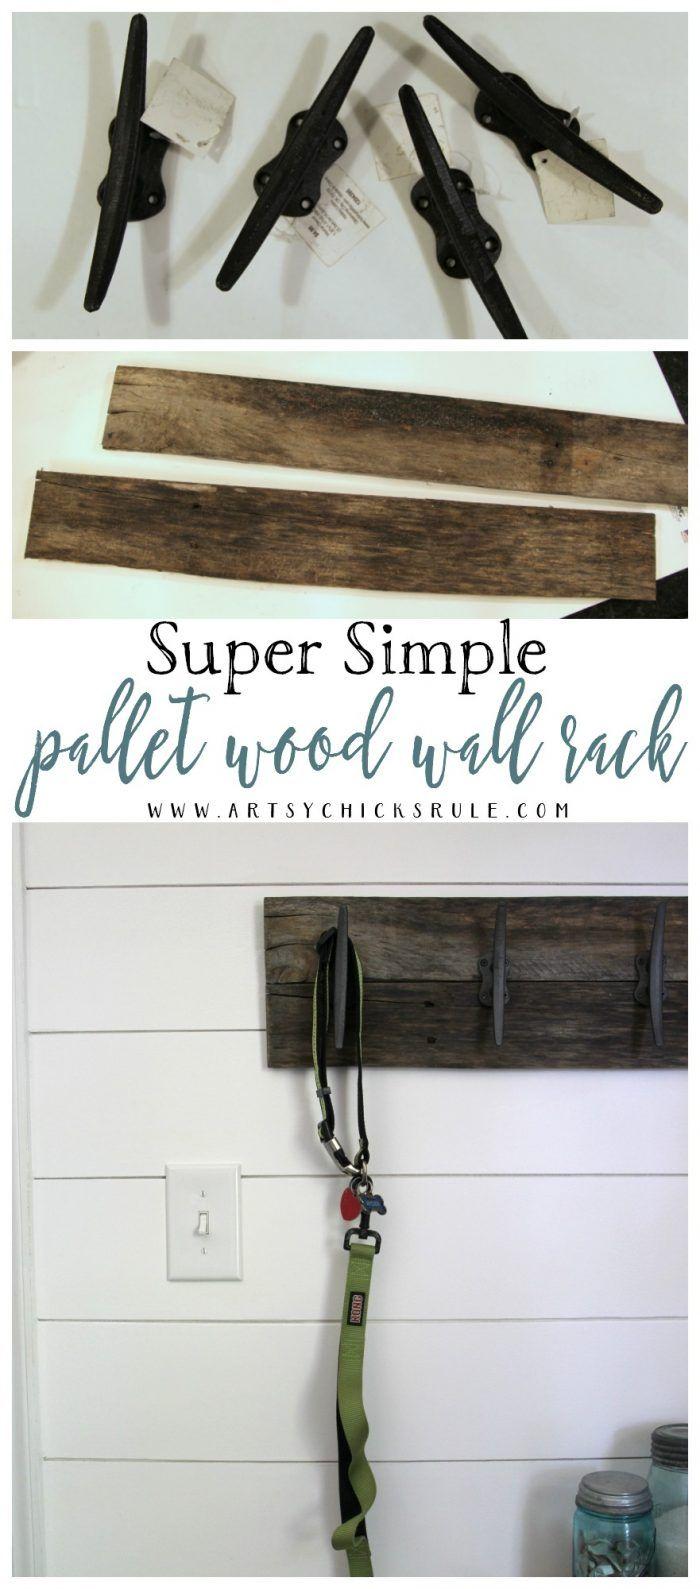 Easy Diy Nautical Pallet Wood Coat Rack Simple Project Pallet Home Decor Wood Pallet Projects Wood Pallets